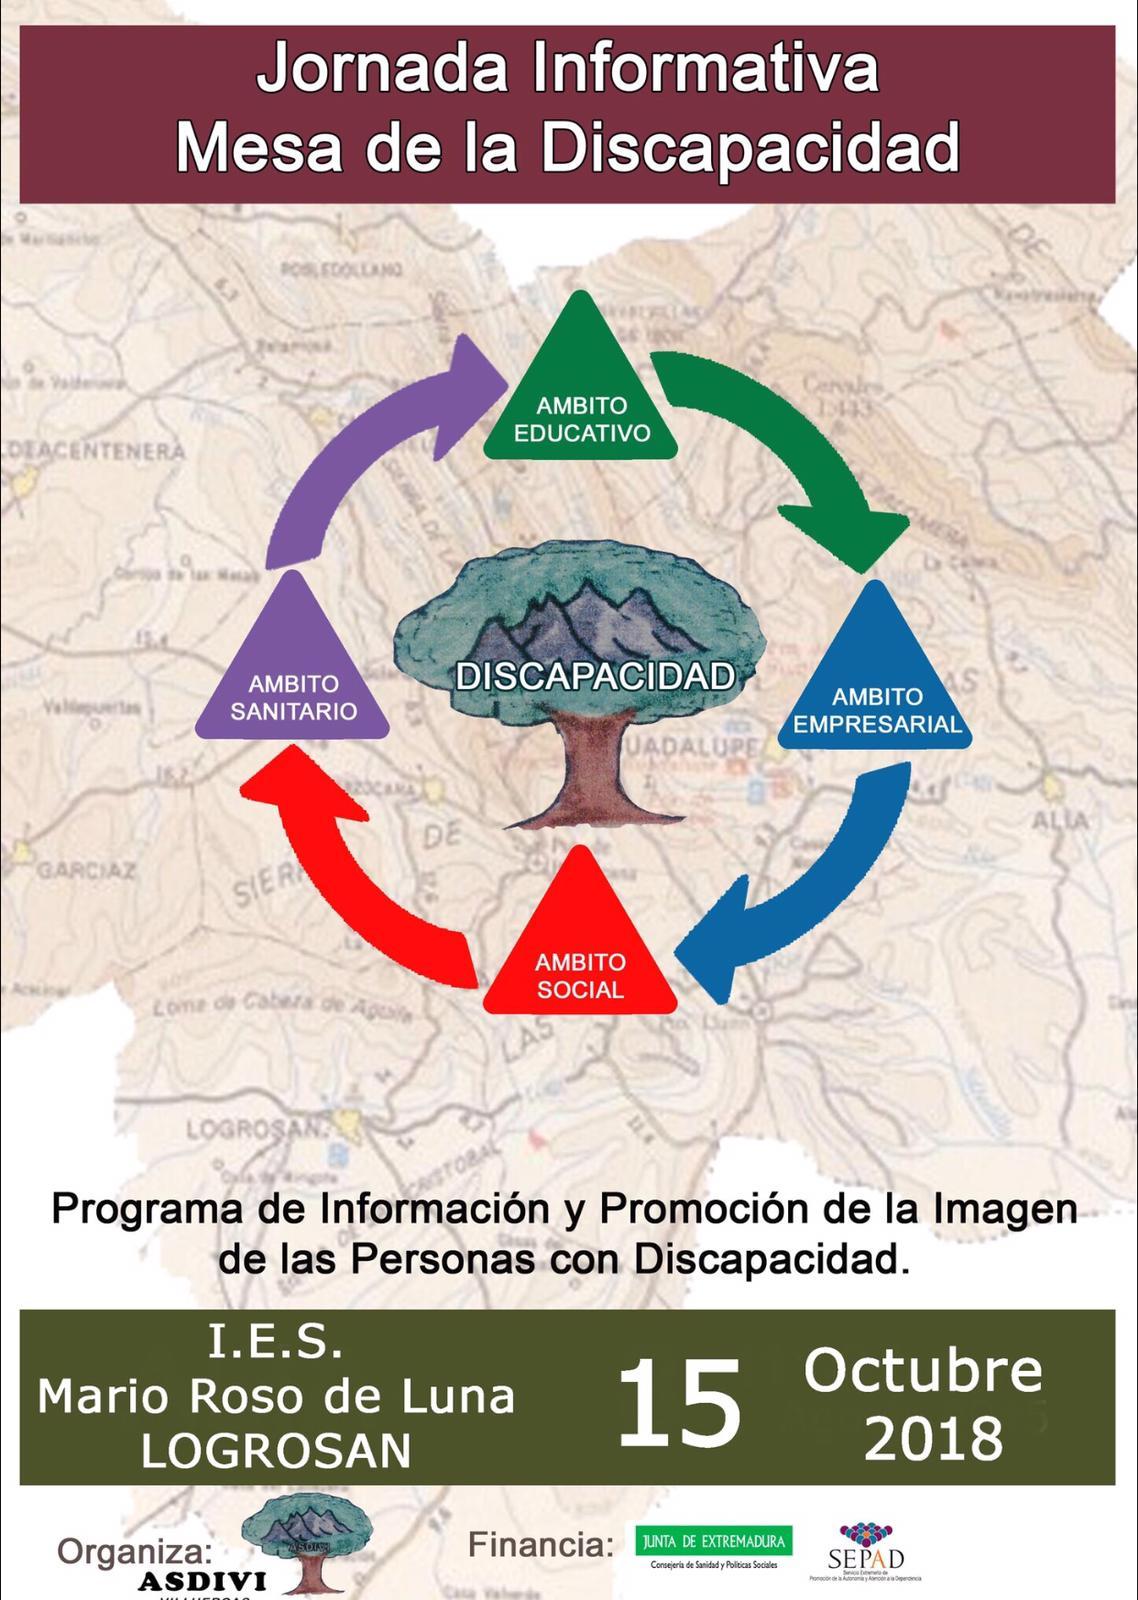 Campaña de sensibilización en Logrosán octubre 2018